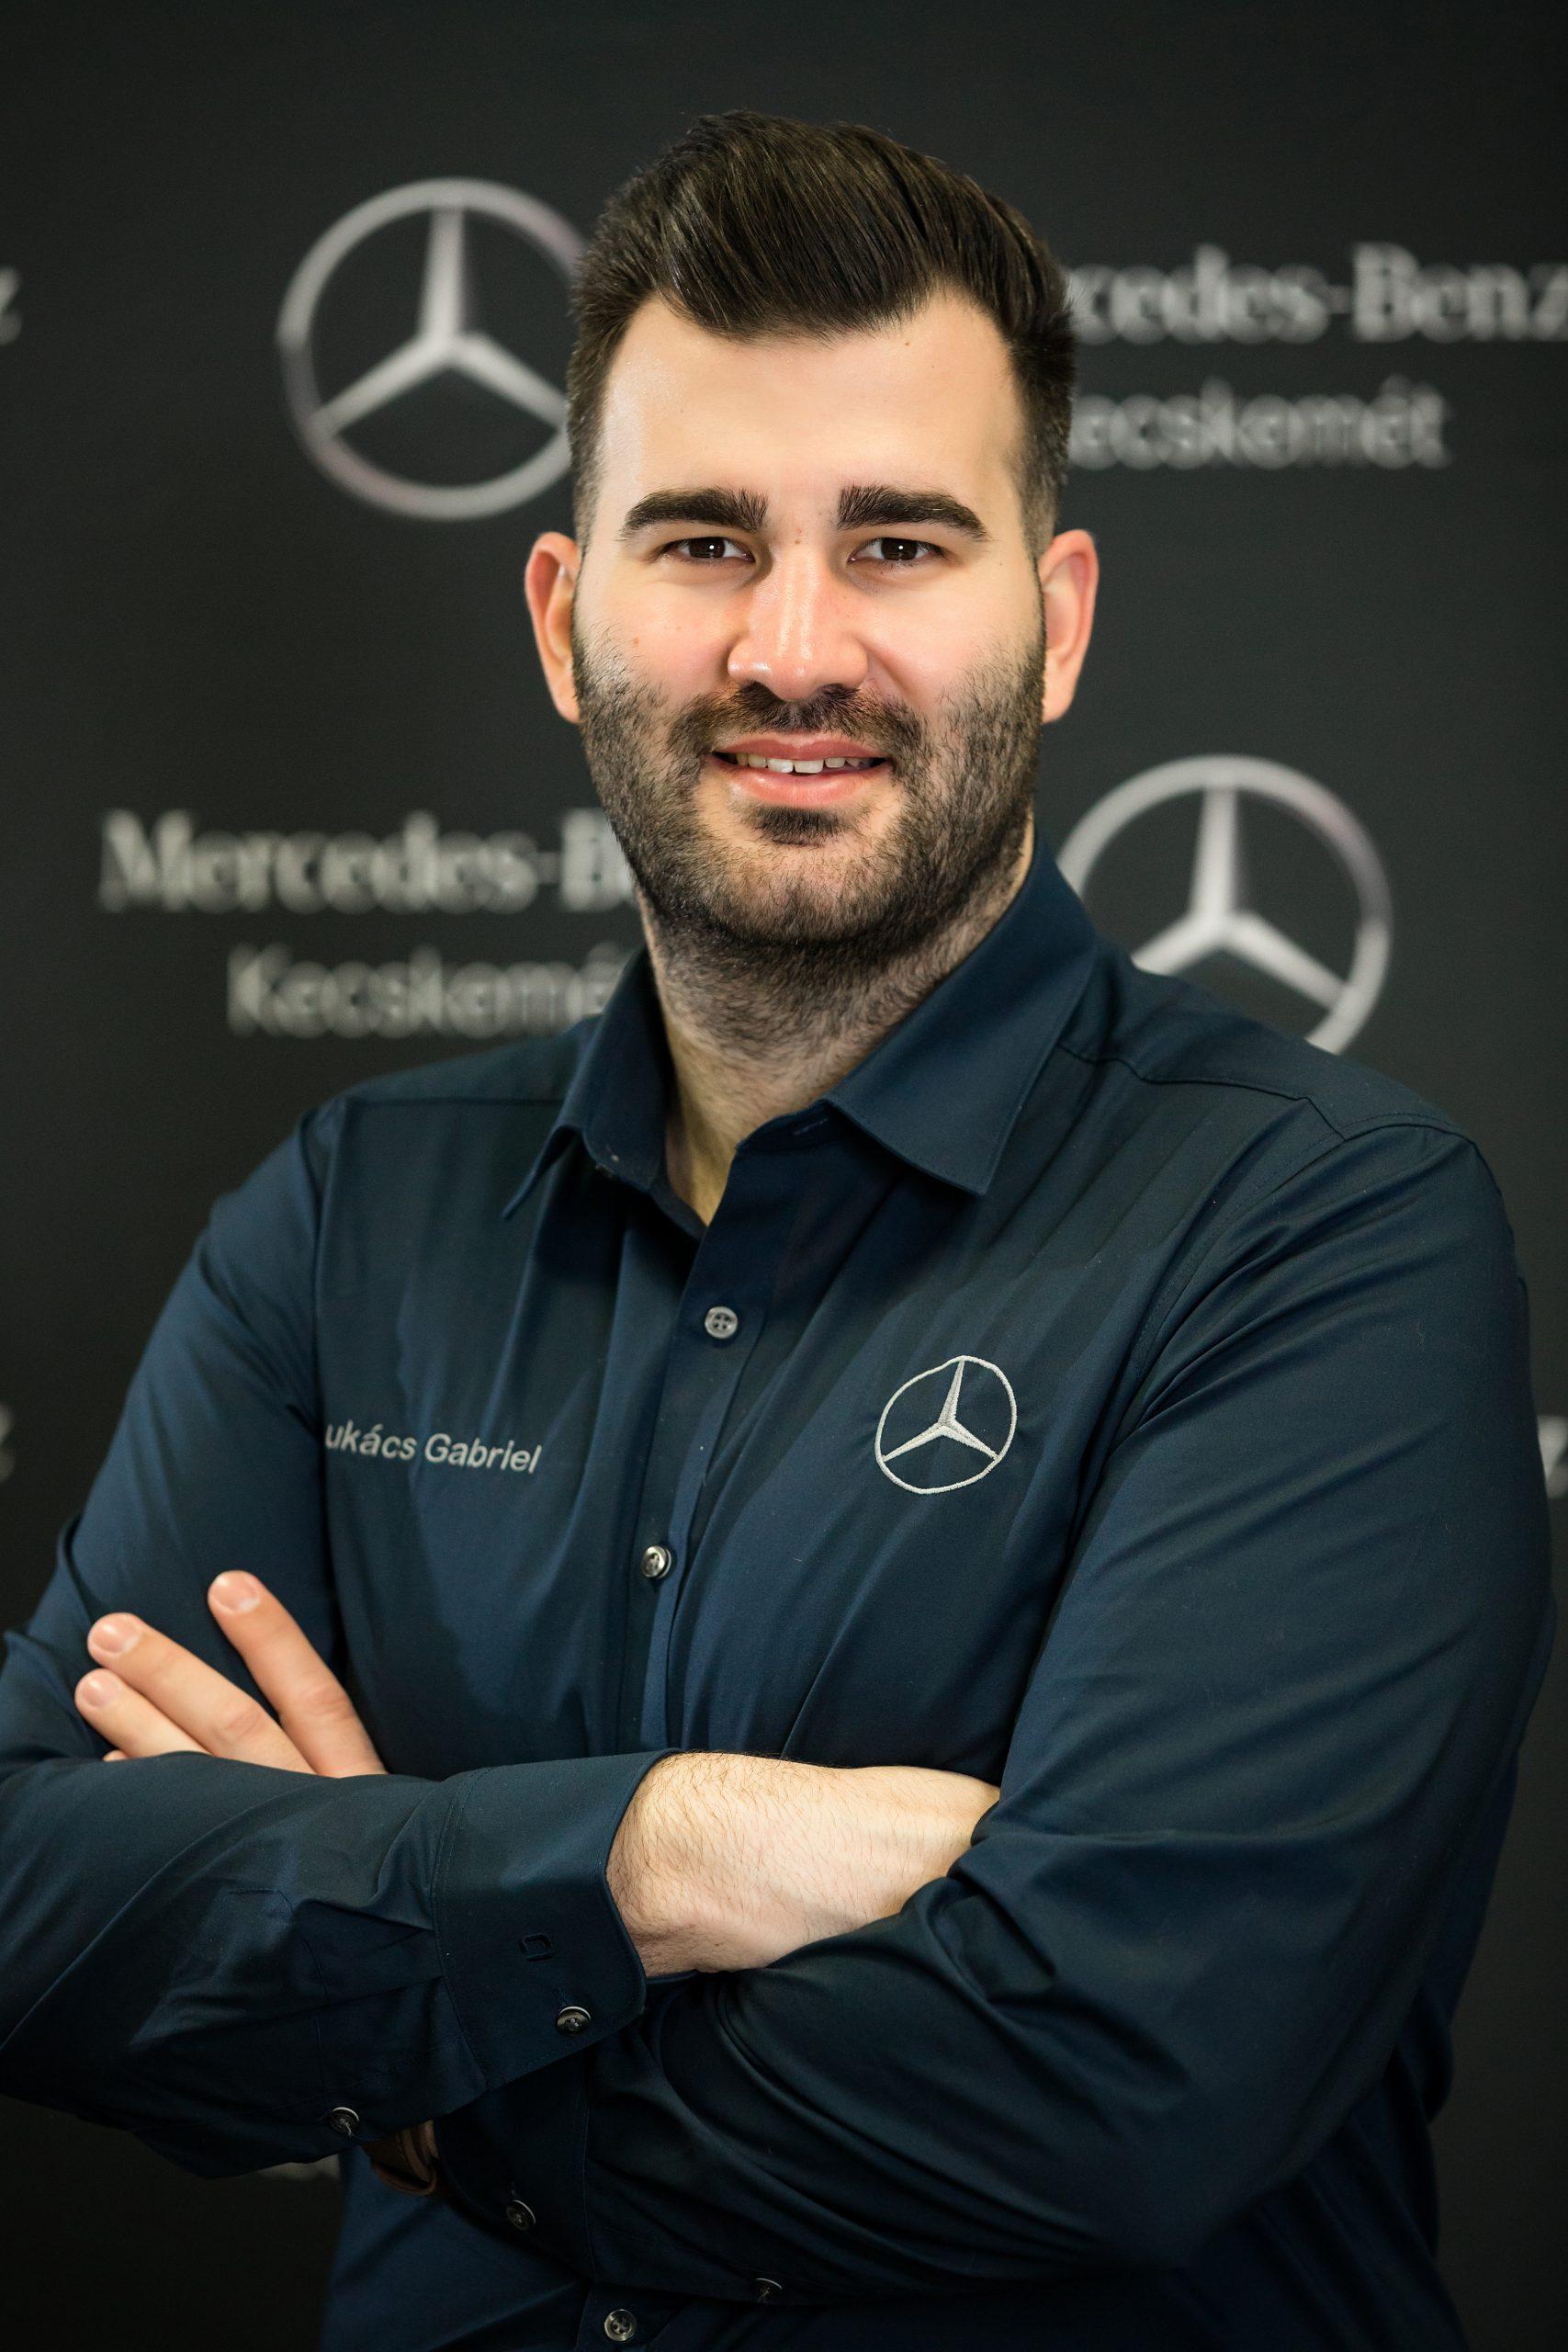 Frissdiplomas.hu - Mercedes Benz